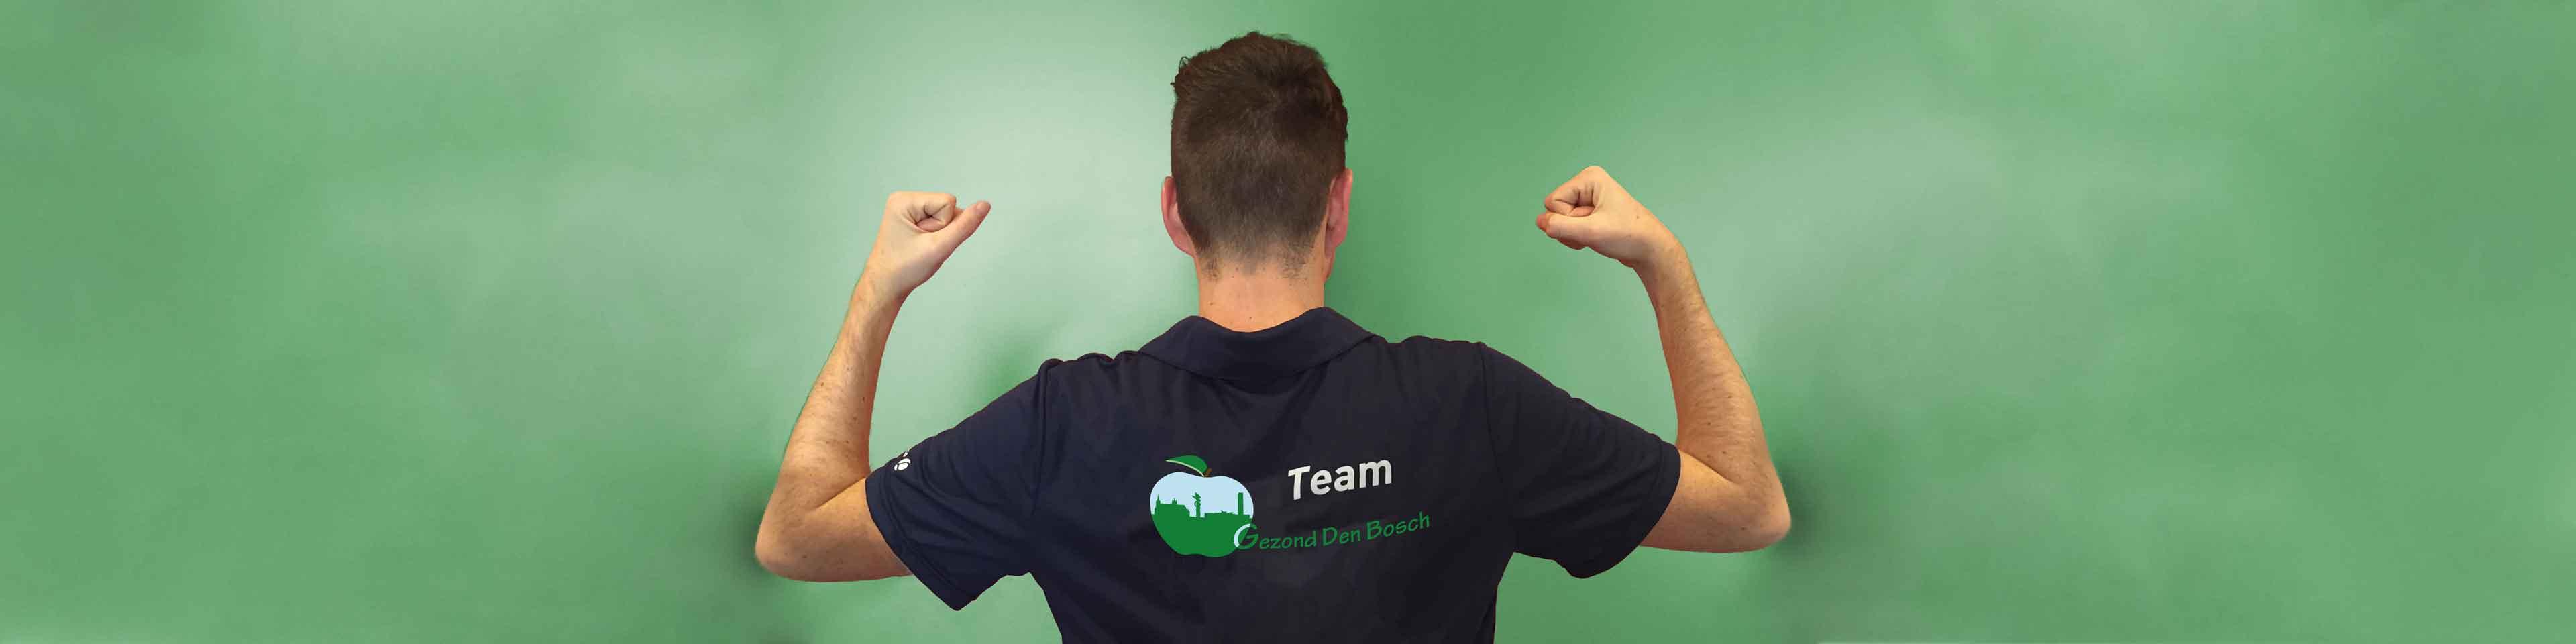 hero image vrijwilligers, afgebeeld vrijwilliger met shirt team gezond Den Bosch